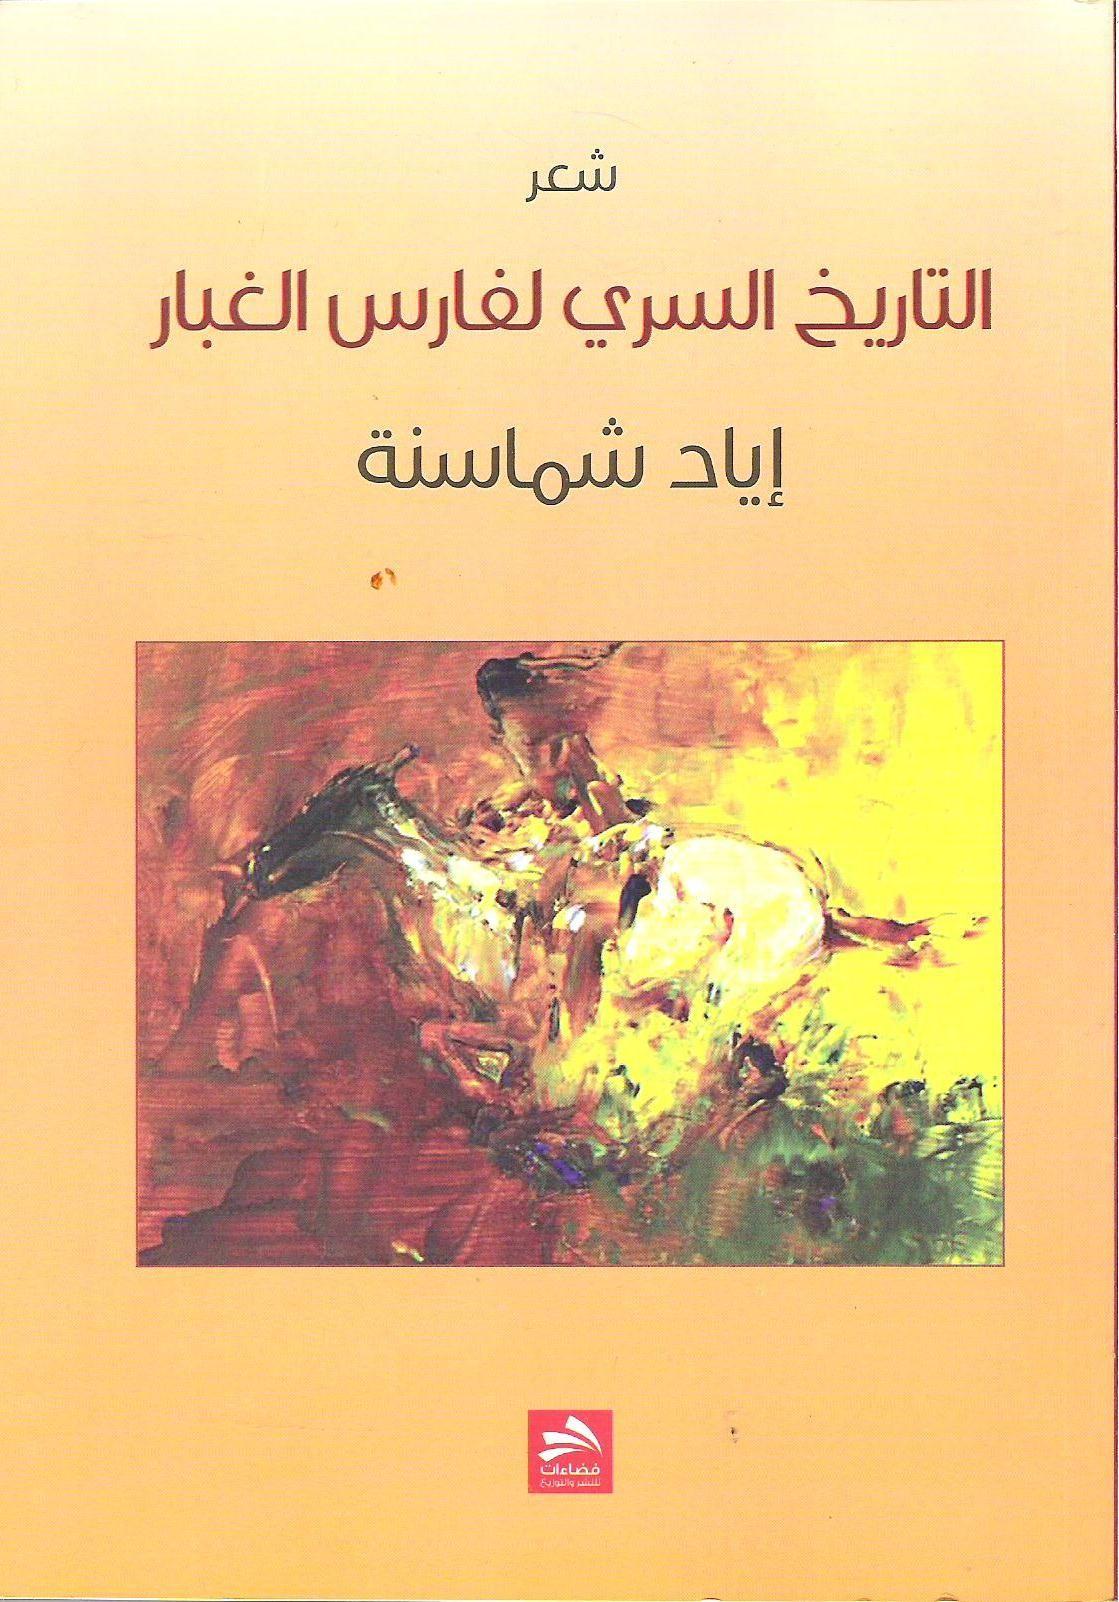 غلاف ديوان التاريخ السري لفارس الغبار الصادر عام 2012 عن دار فضاءات للنشر والتوزيع عمان الاردن Books Movie Posters Movies